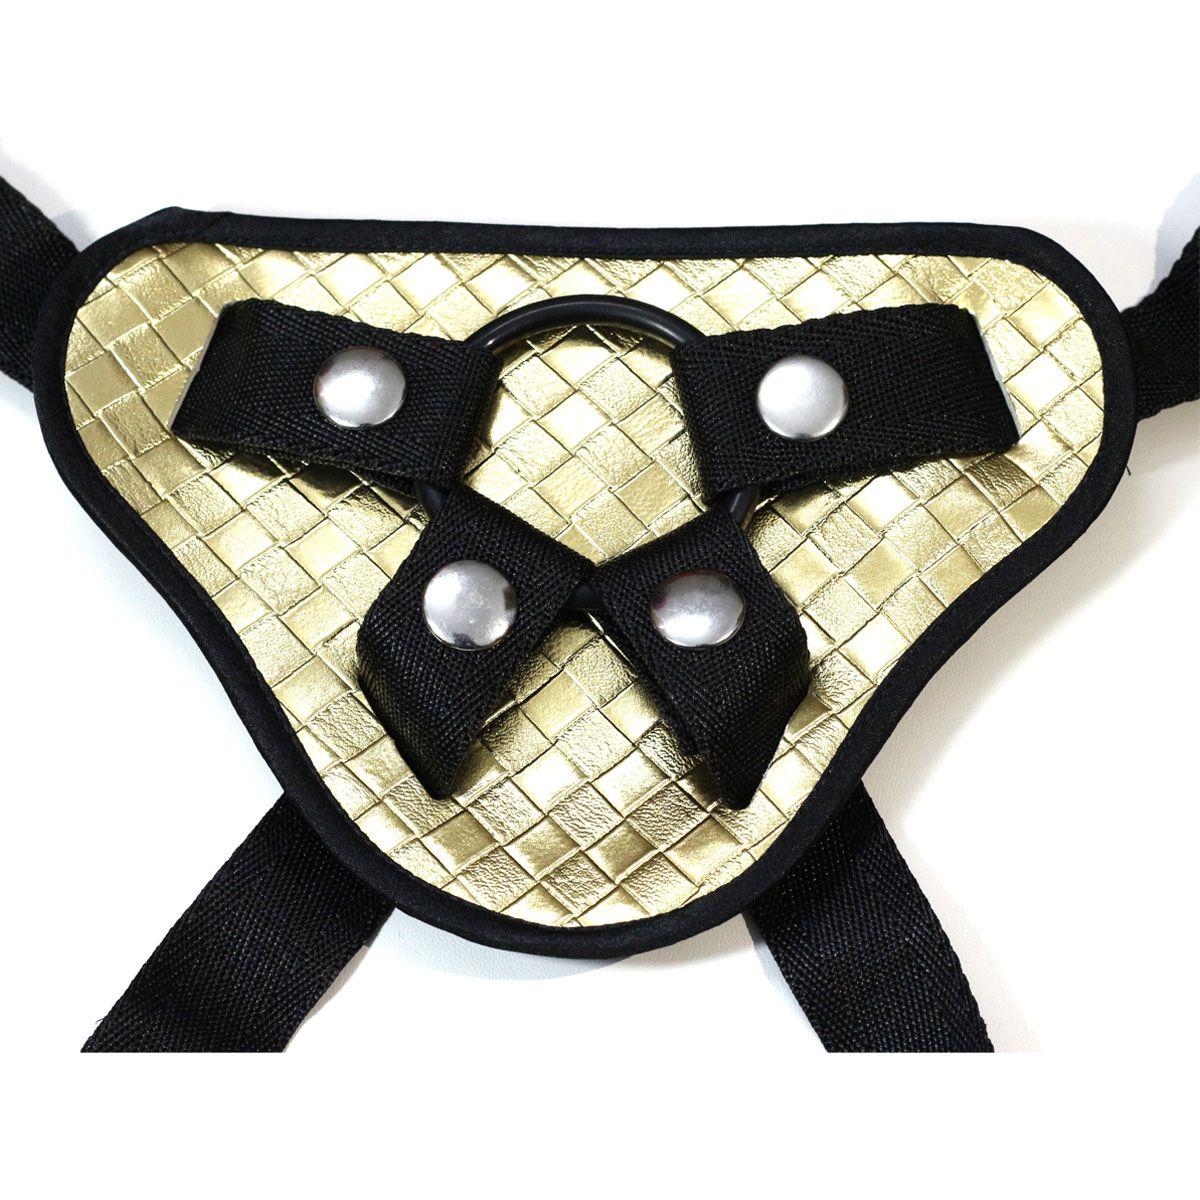 cinturino in ecopelle fantasia dorata con cinturino in vera pelle donna uomo con tre anelli di diverse dimensioni con strapon dildo coppie